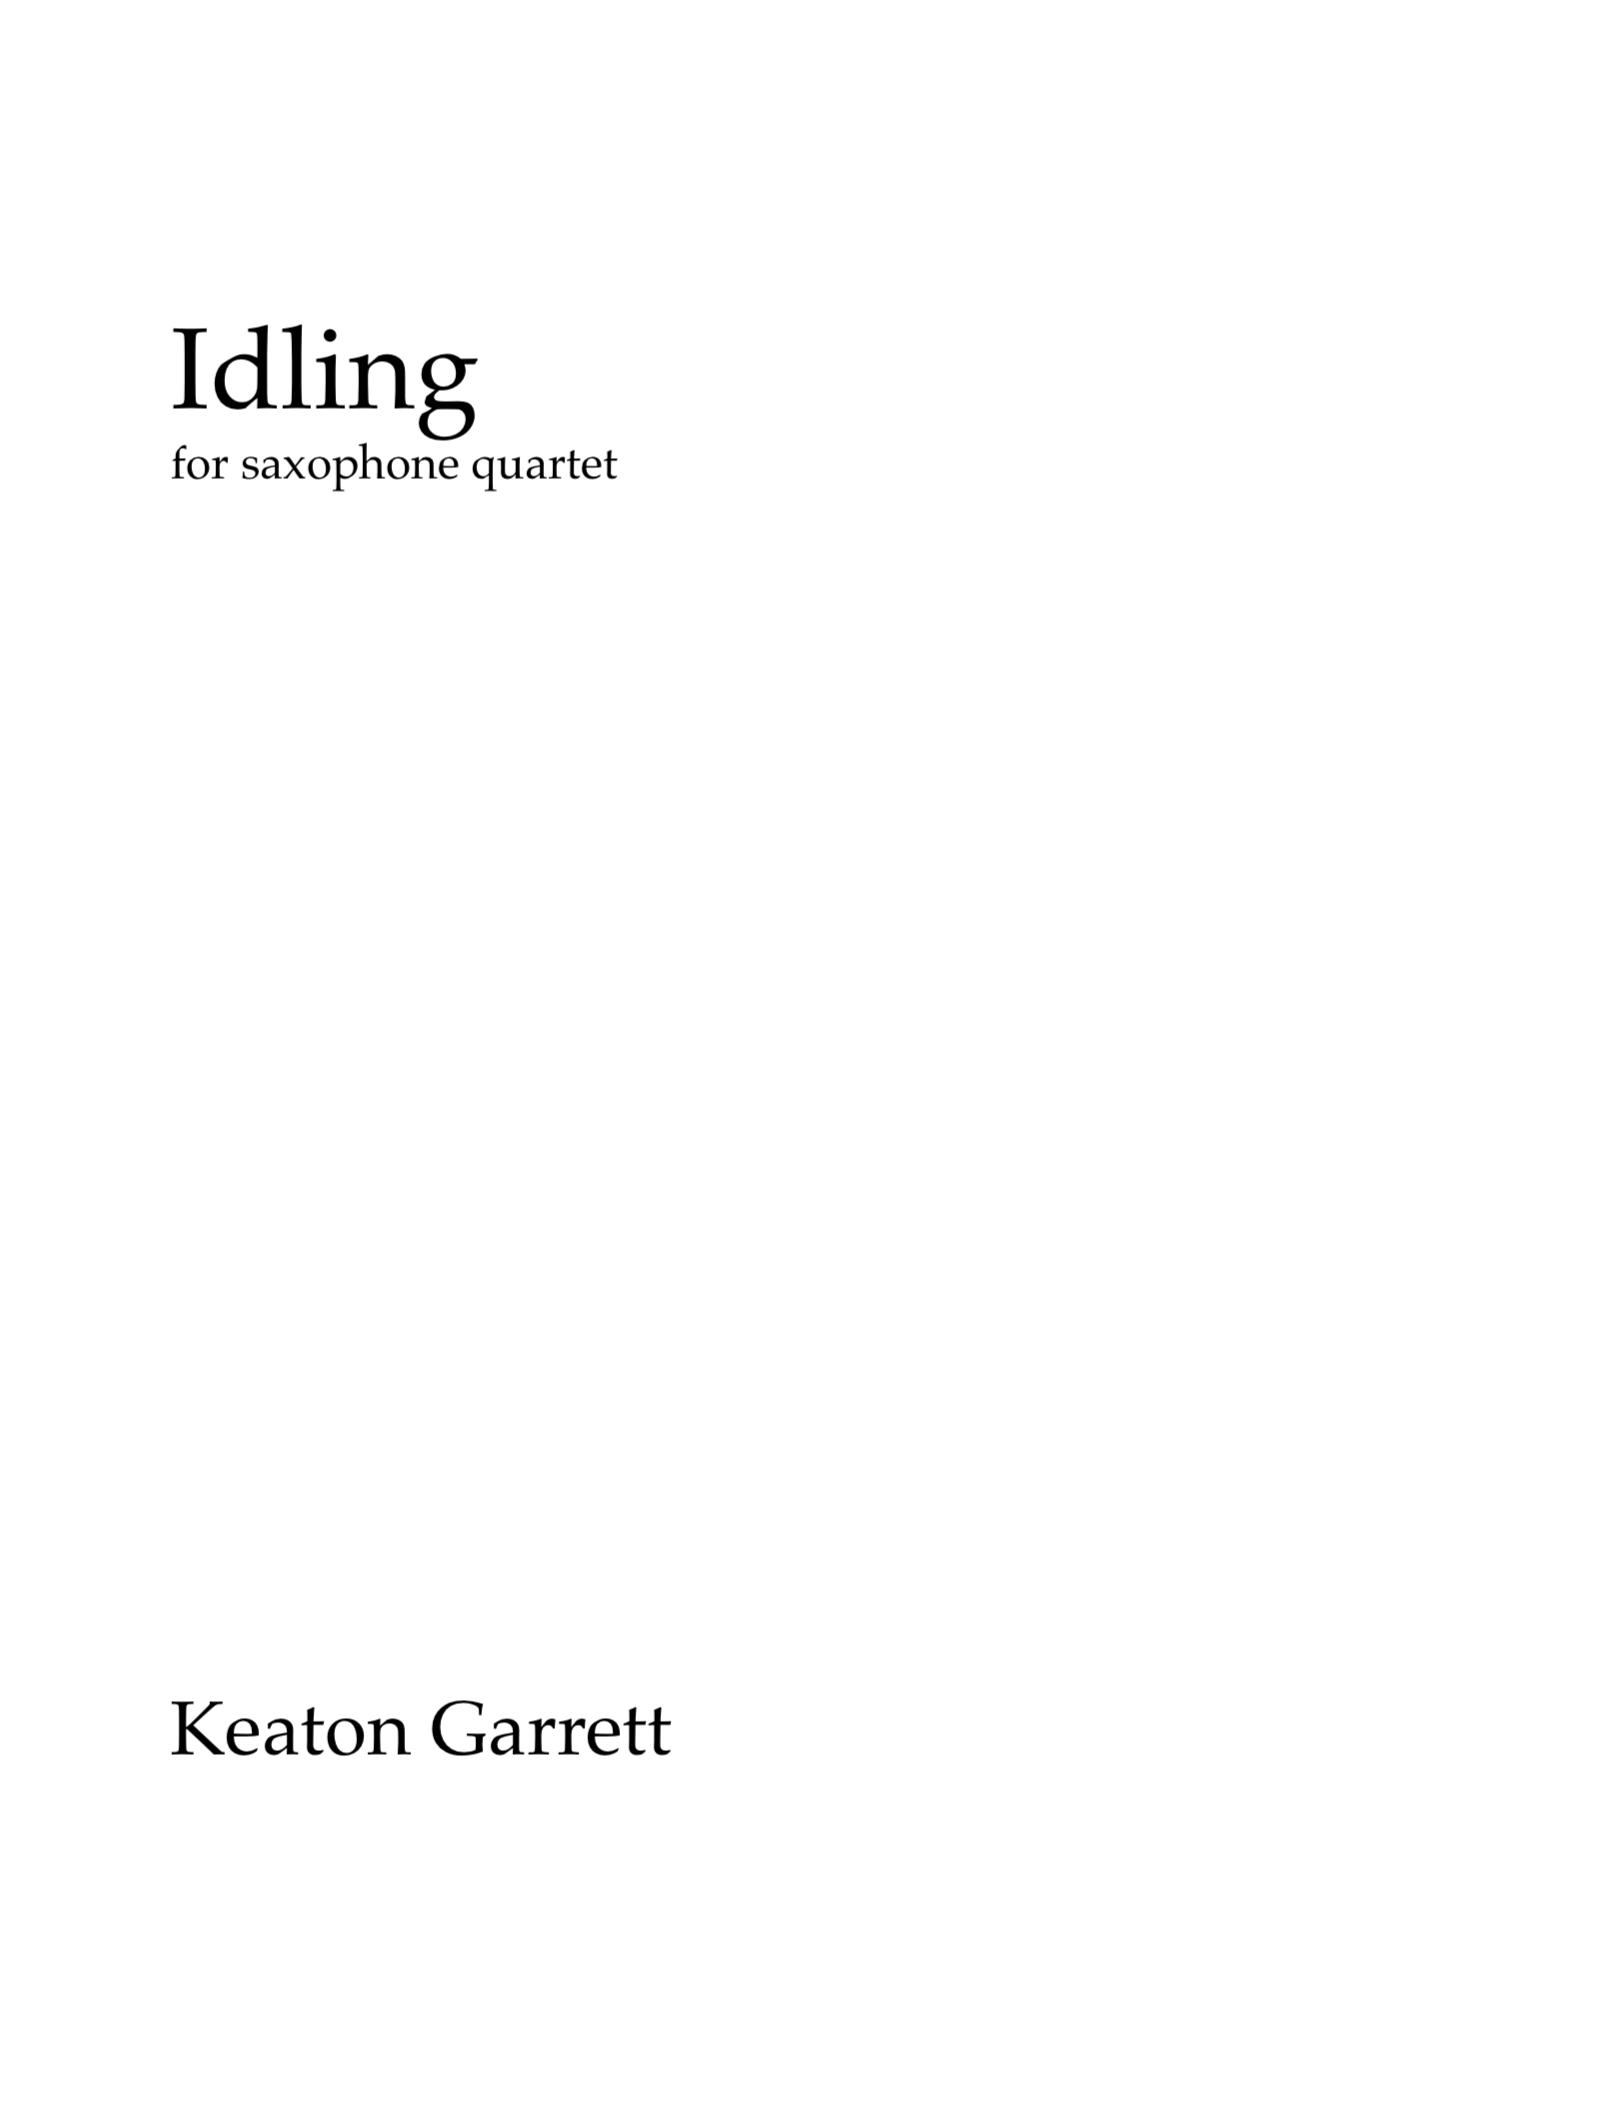 Idiling by Keaton Garrett